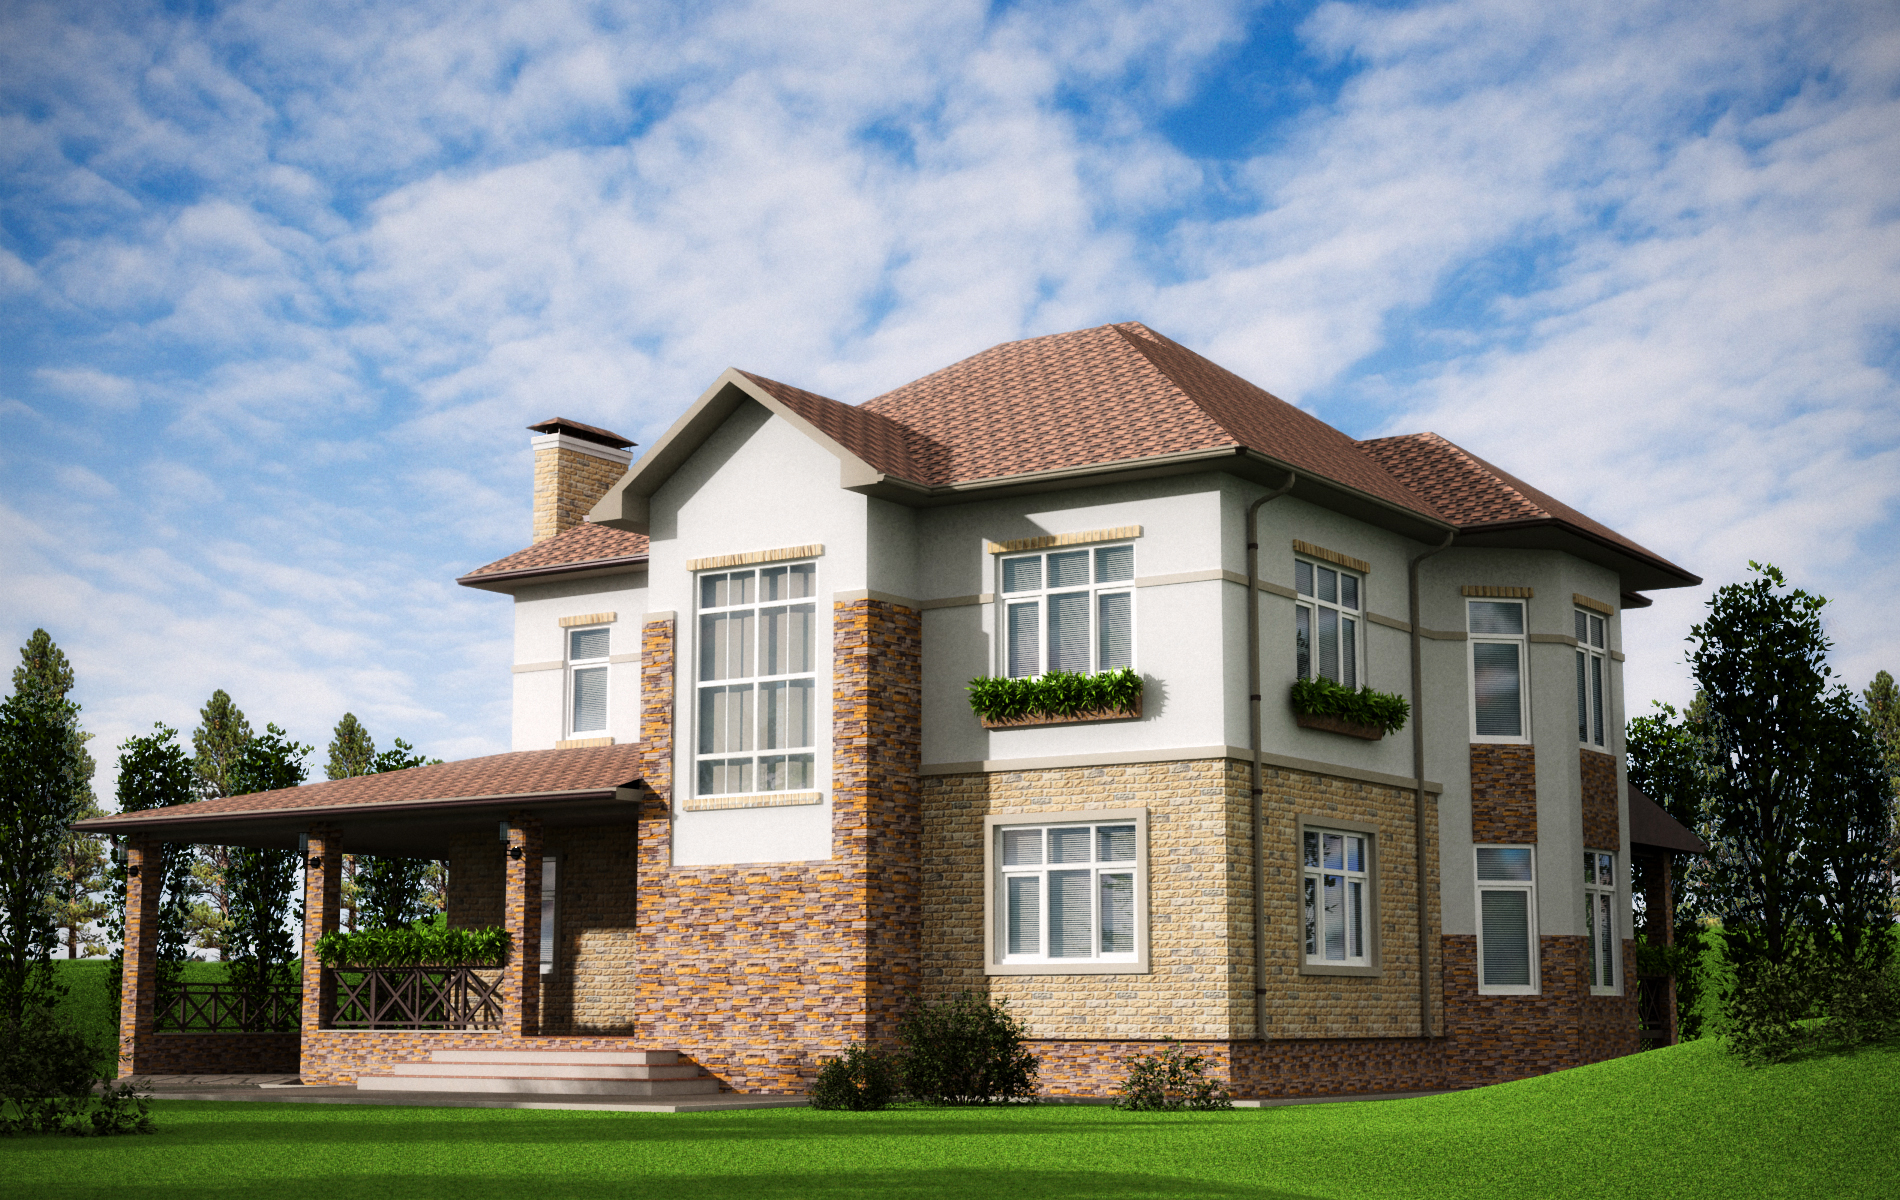 Дом своими руками или покупка готового жилья